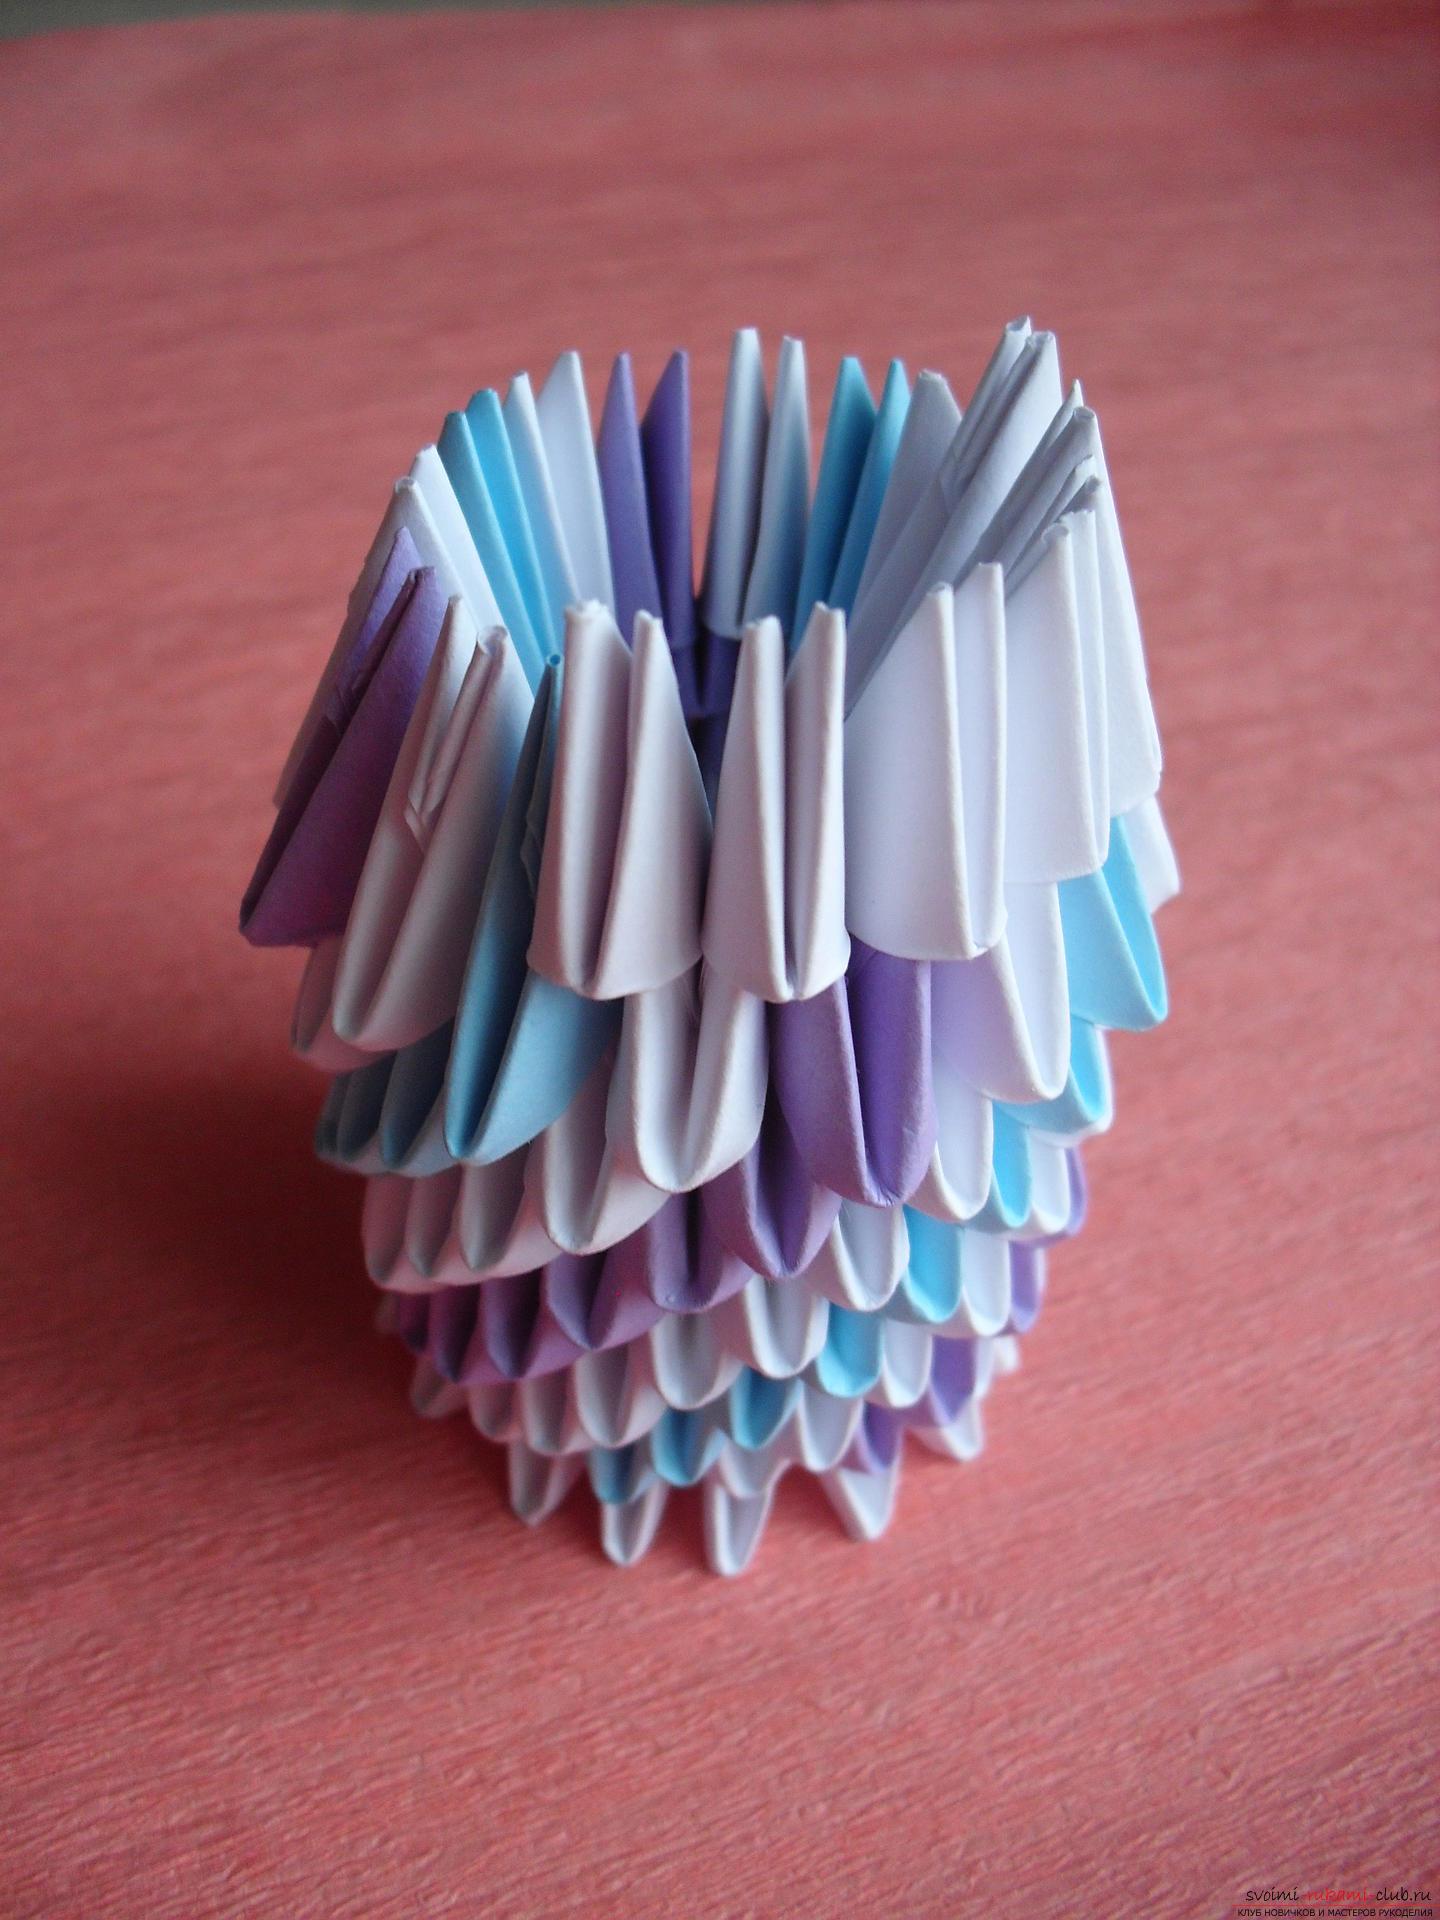 Этот мастер-класс научит как сделать вазу с тюльпанами из бумаги в технике модульного оригами.. Фото №7